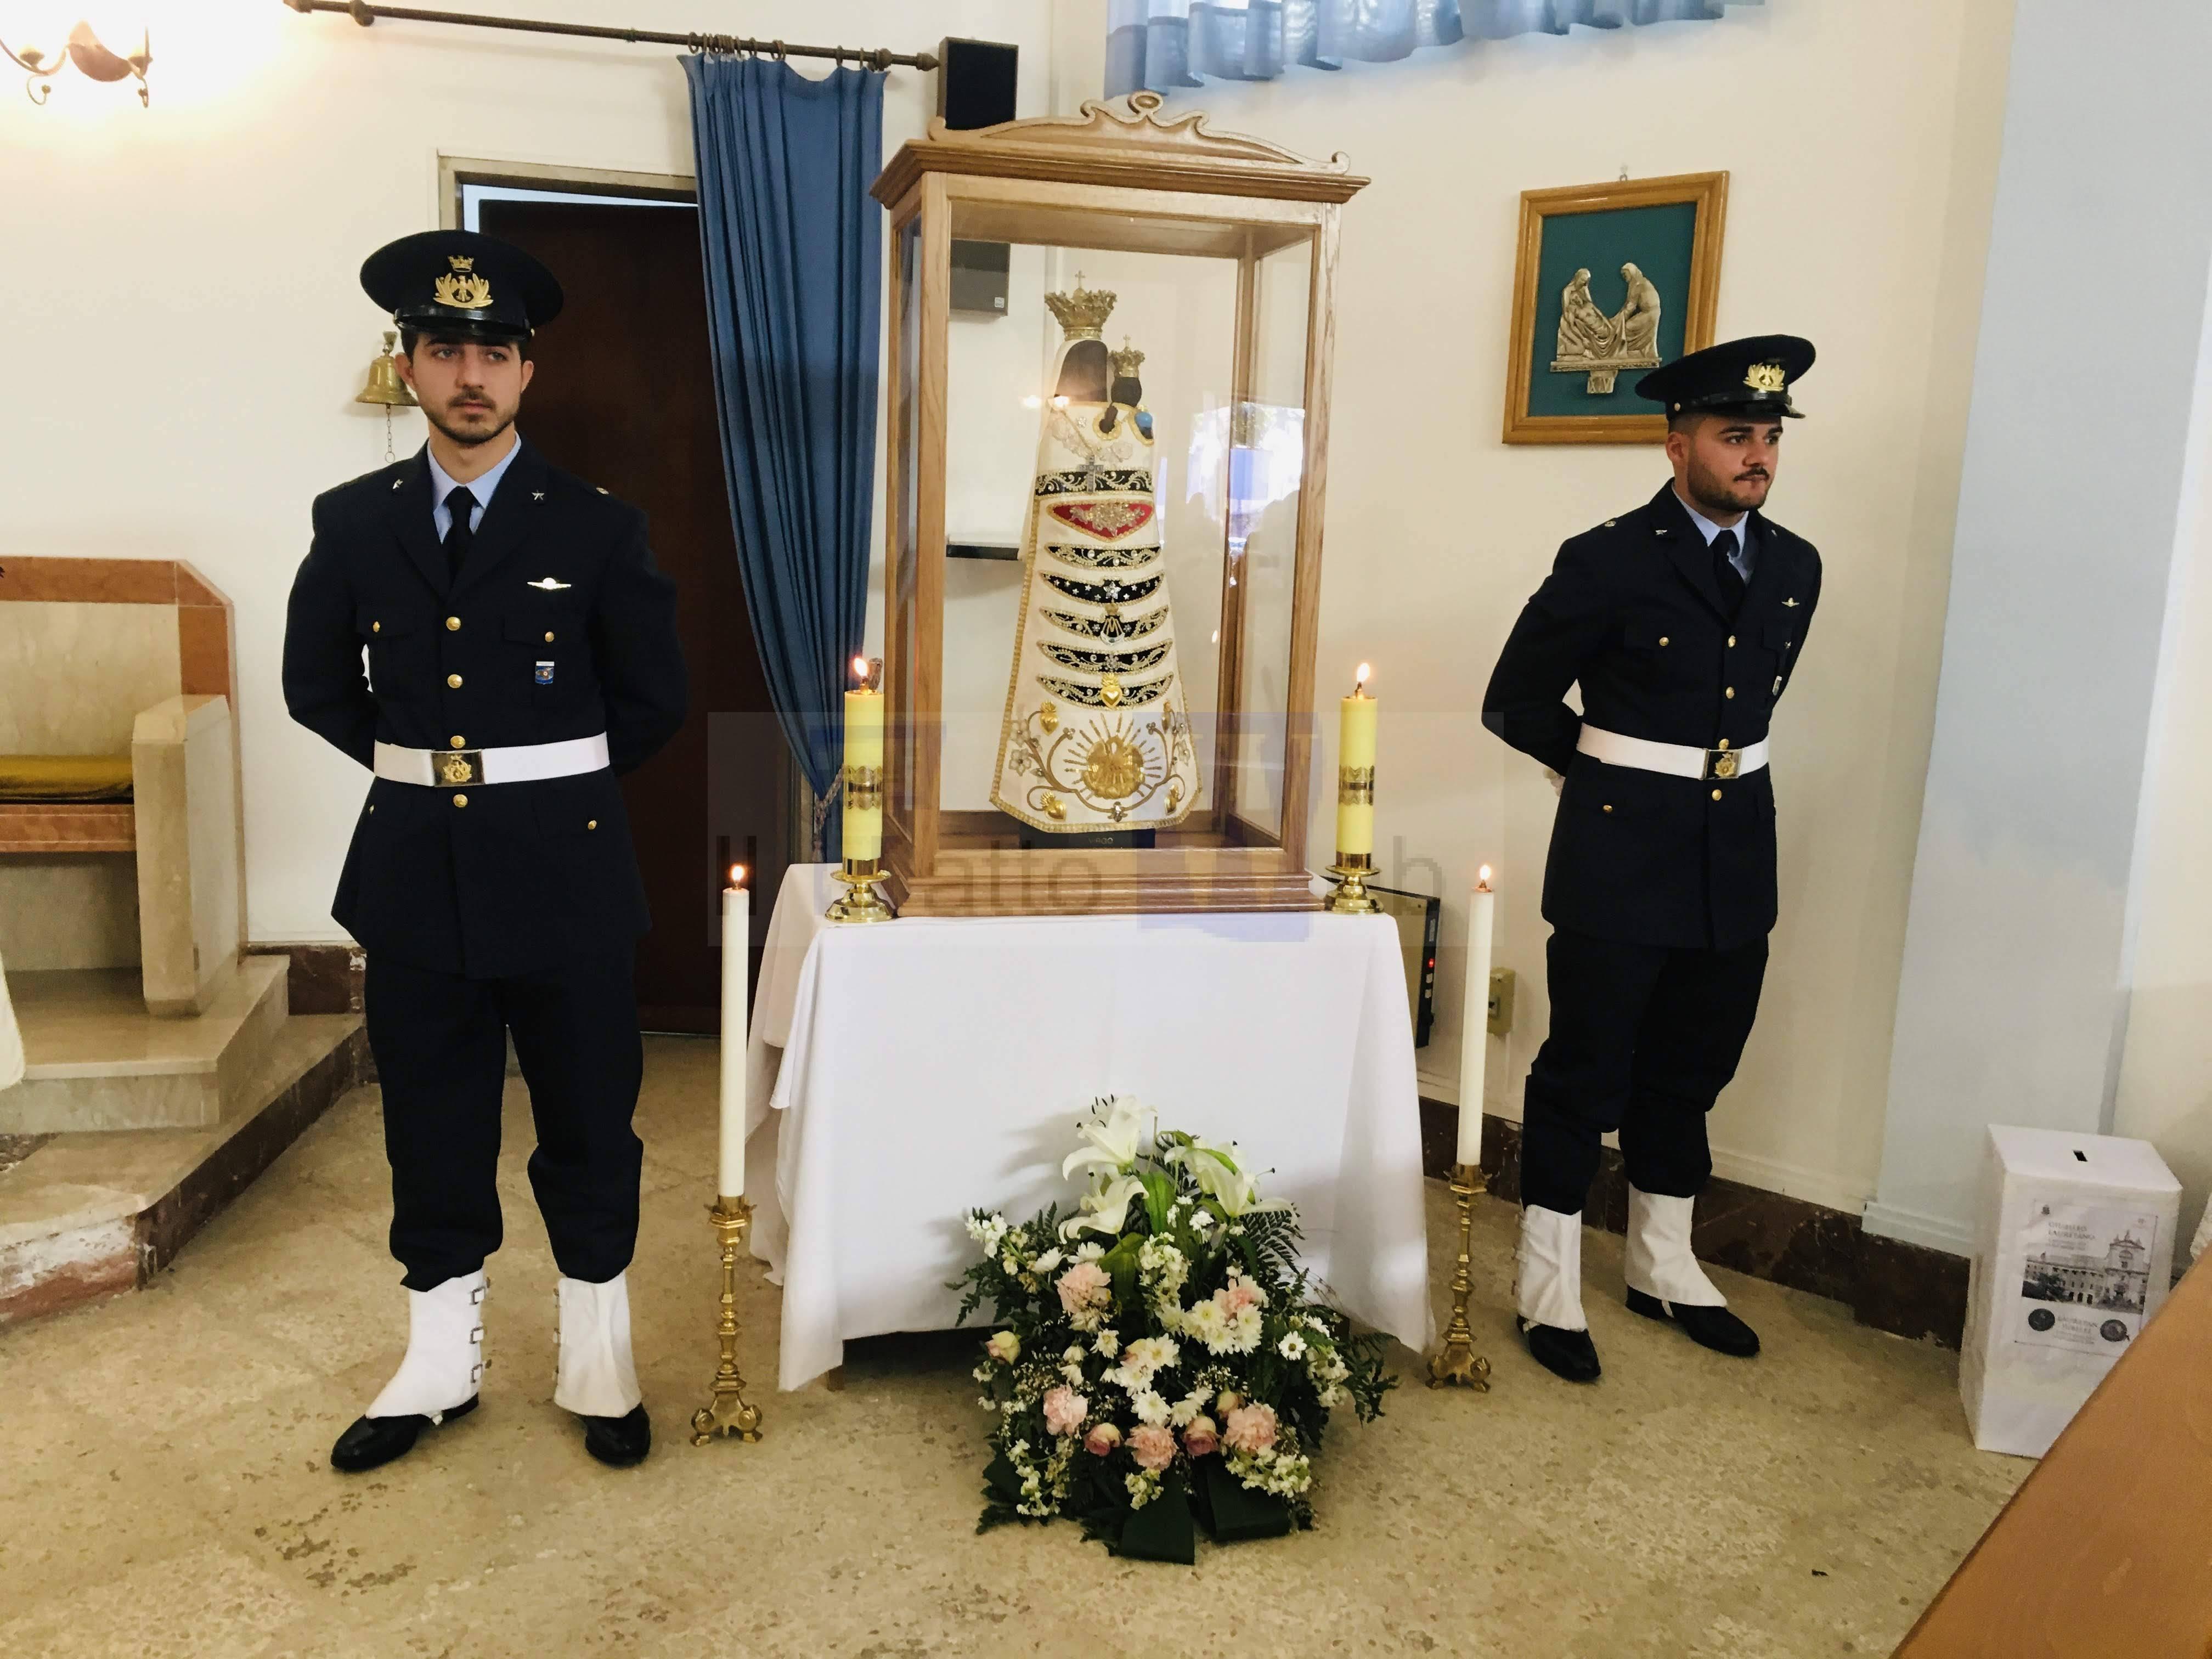 L'effigie della Madonna di Loreto, patrona degli Aviatori, in visita a Fontanarossa